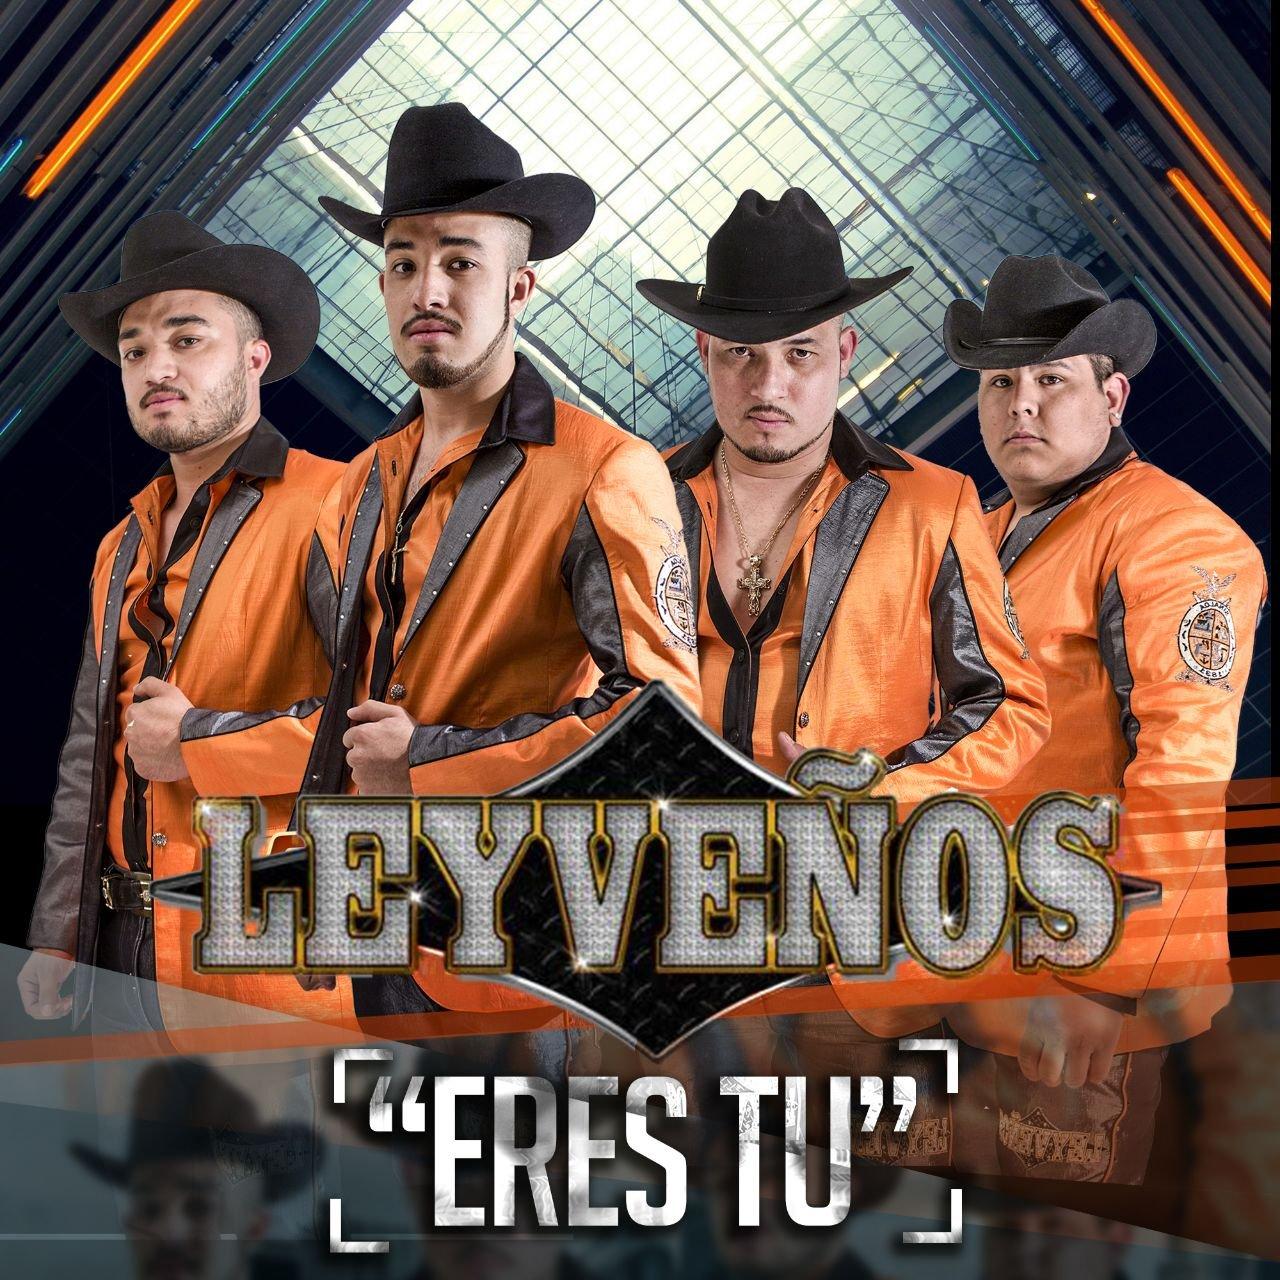 """leyvenos """" ERES TU """""""